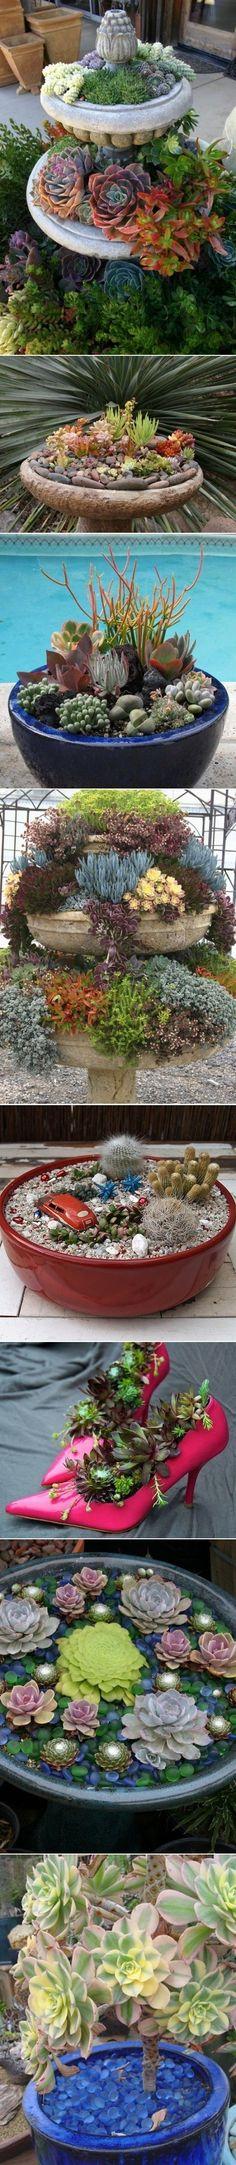 DIY Succulent Garden Ideas by Aniky